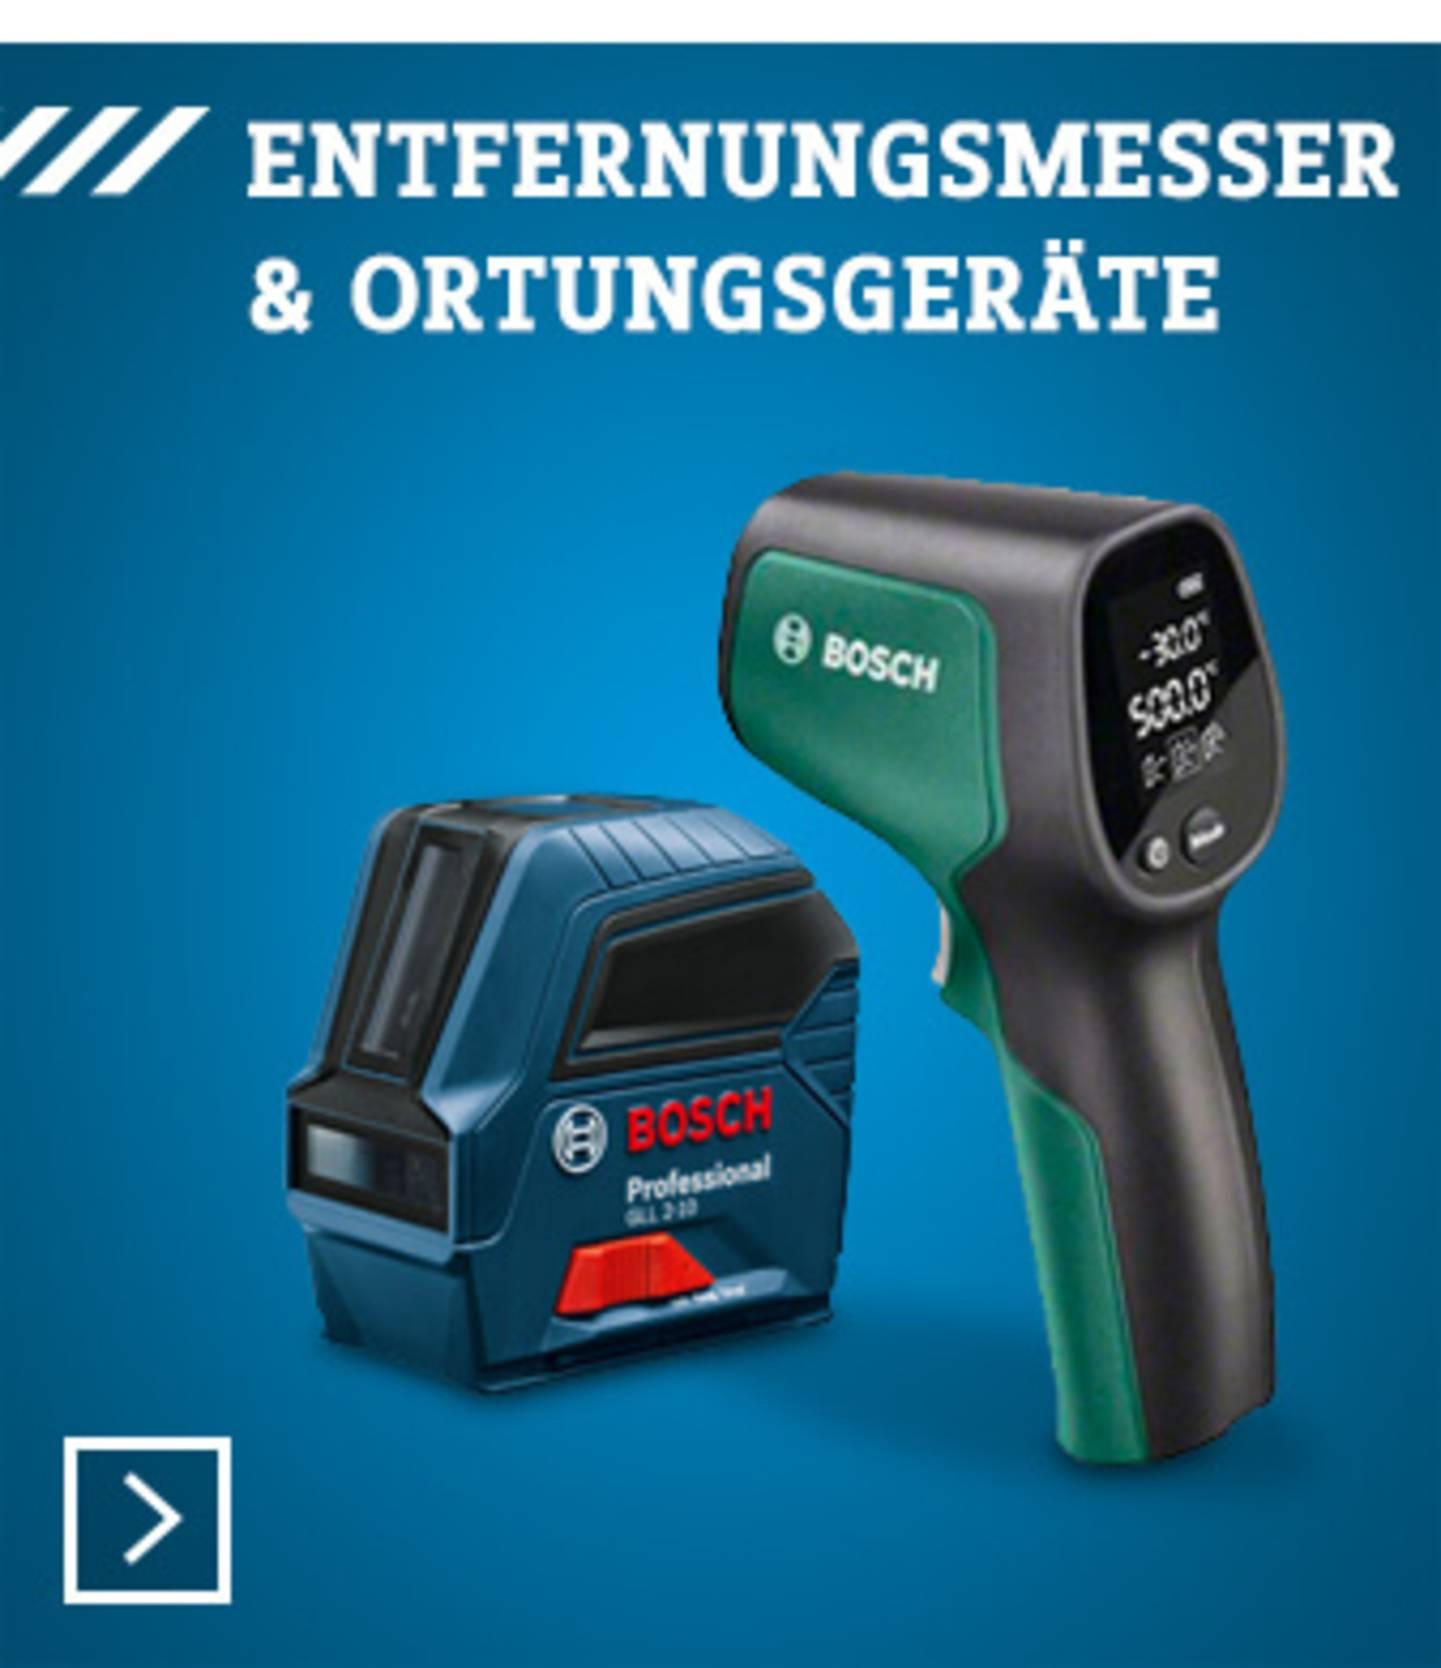 Bosch Ortungsgeräte und Entfernungsmesser